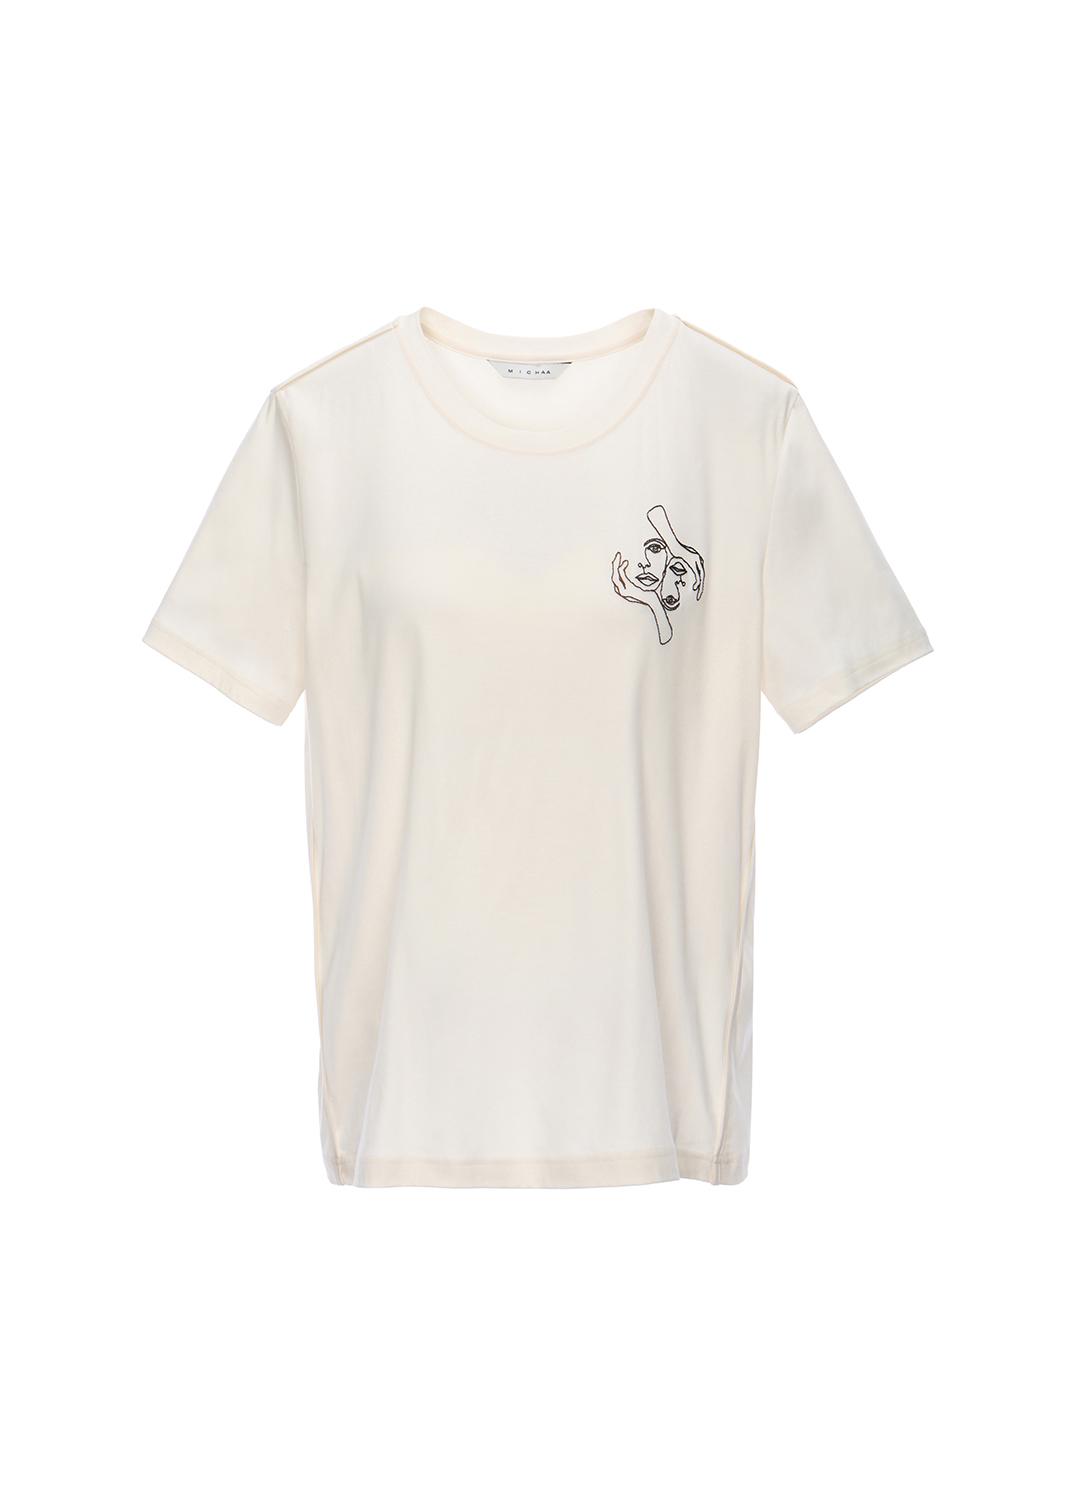 면 프린팅 포인트 라운드넥 티셔츠